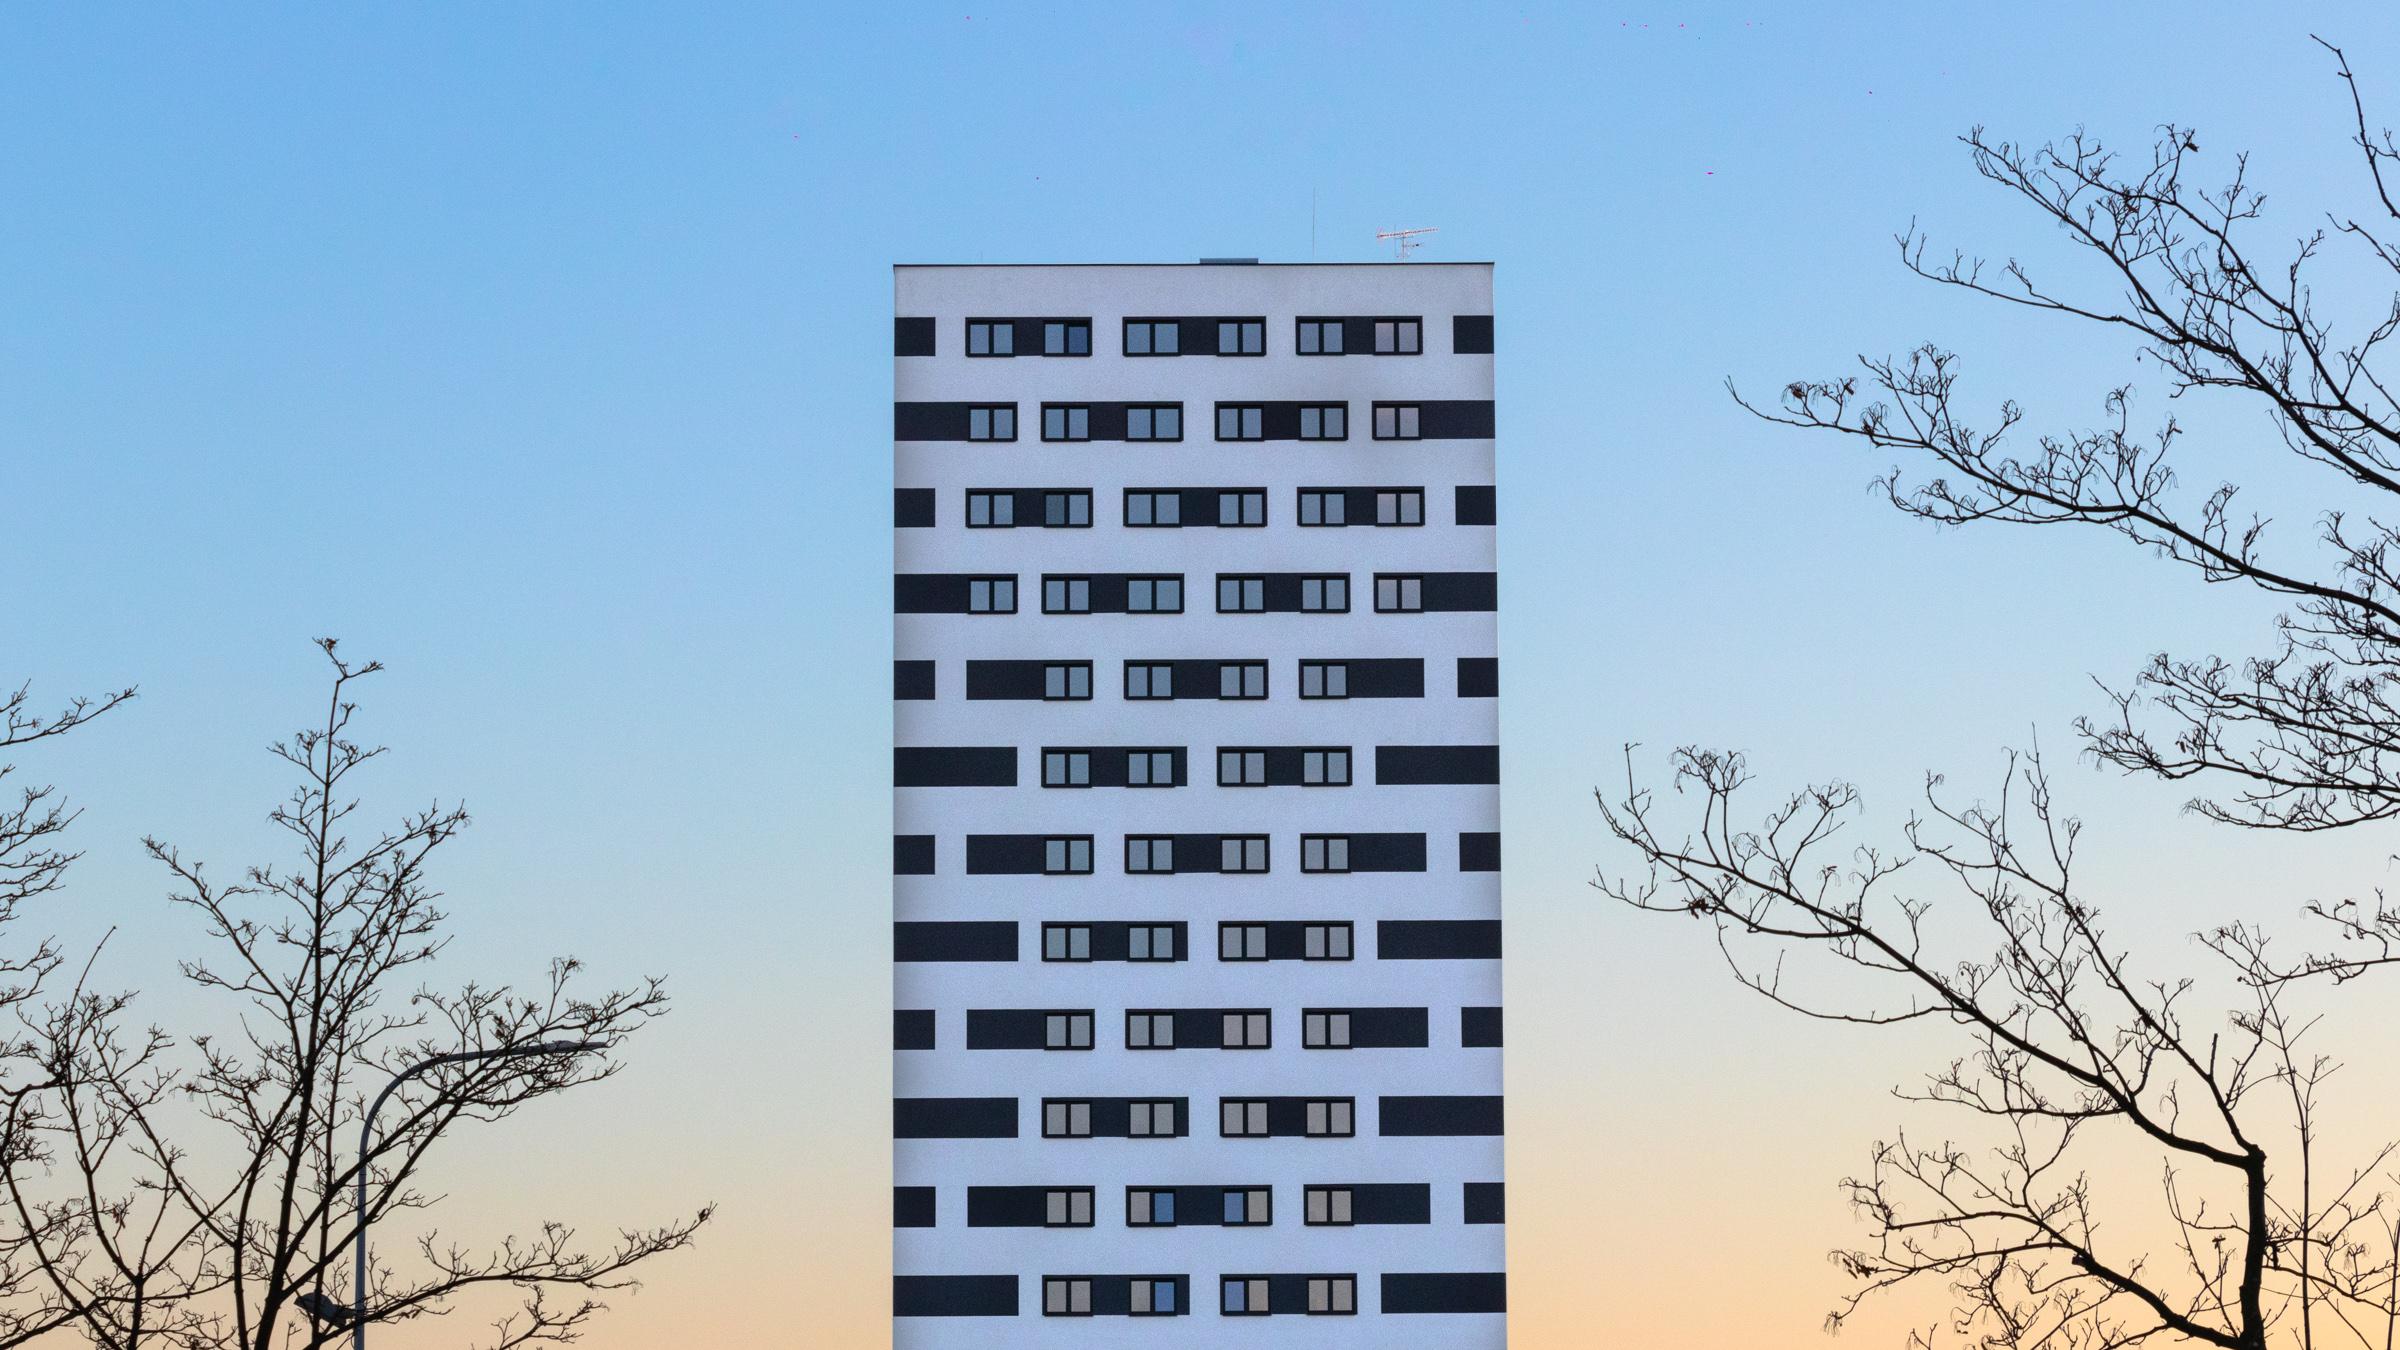 Fotografia inwestycji budowalnych, mieszkaniowych